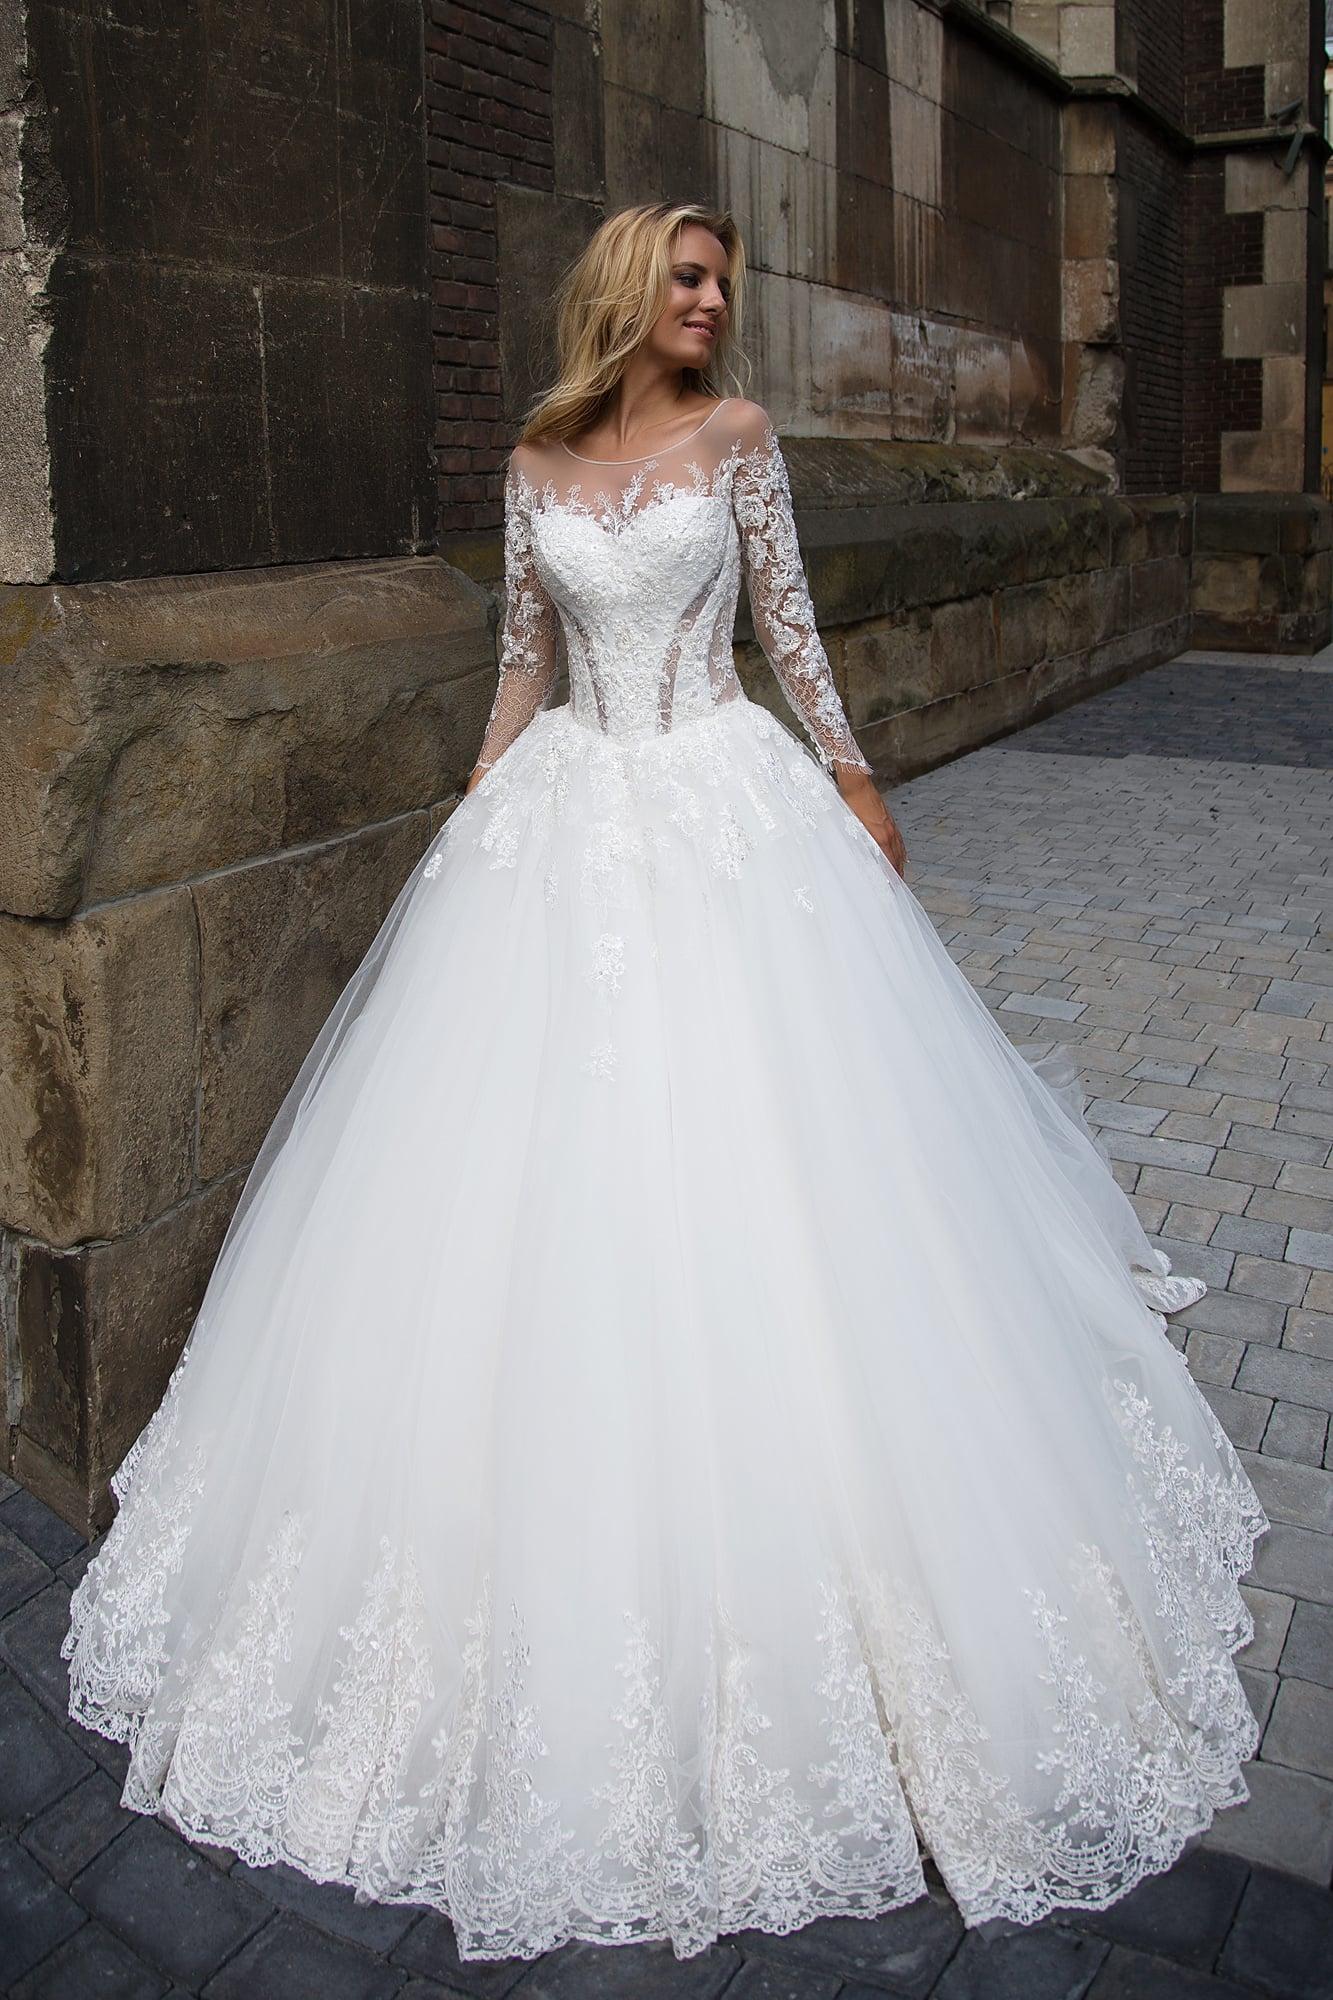 e60e7c3169e09d Очаровательное свадебное платье с пышной юбкой, украшенной по нижнему краю  подола кружевом.